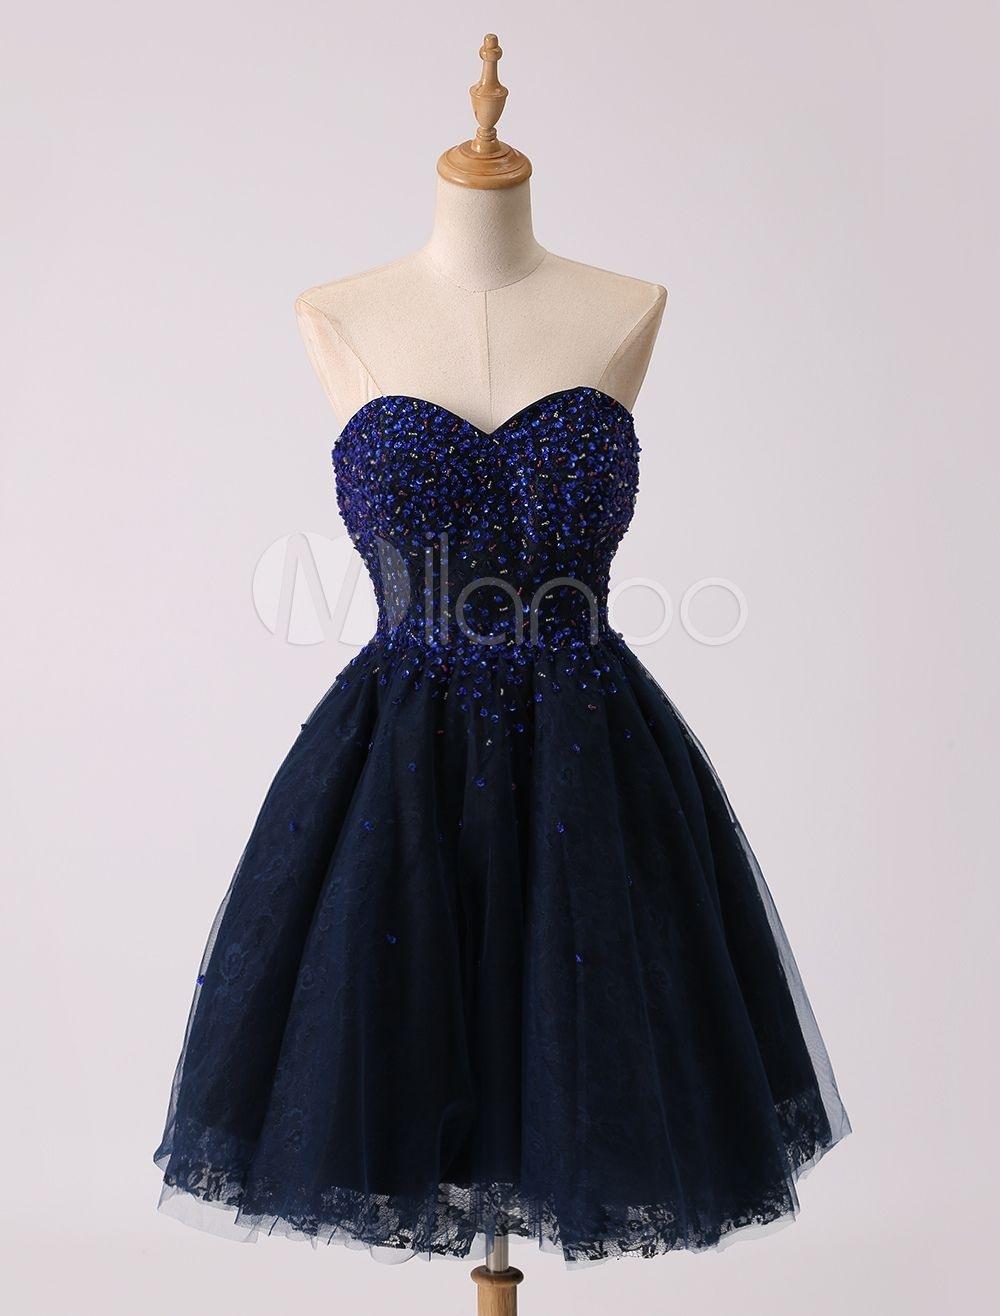 Großartig Dunkelblaues Kleid Kurz Galerie13 Schön Dunkelblaues Kleid Kurz für 2019